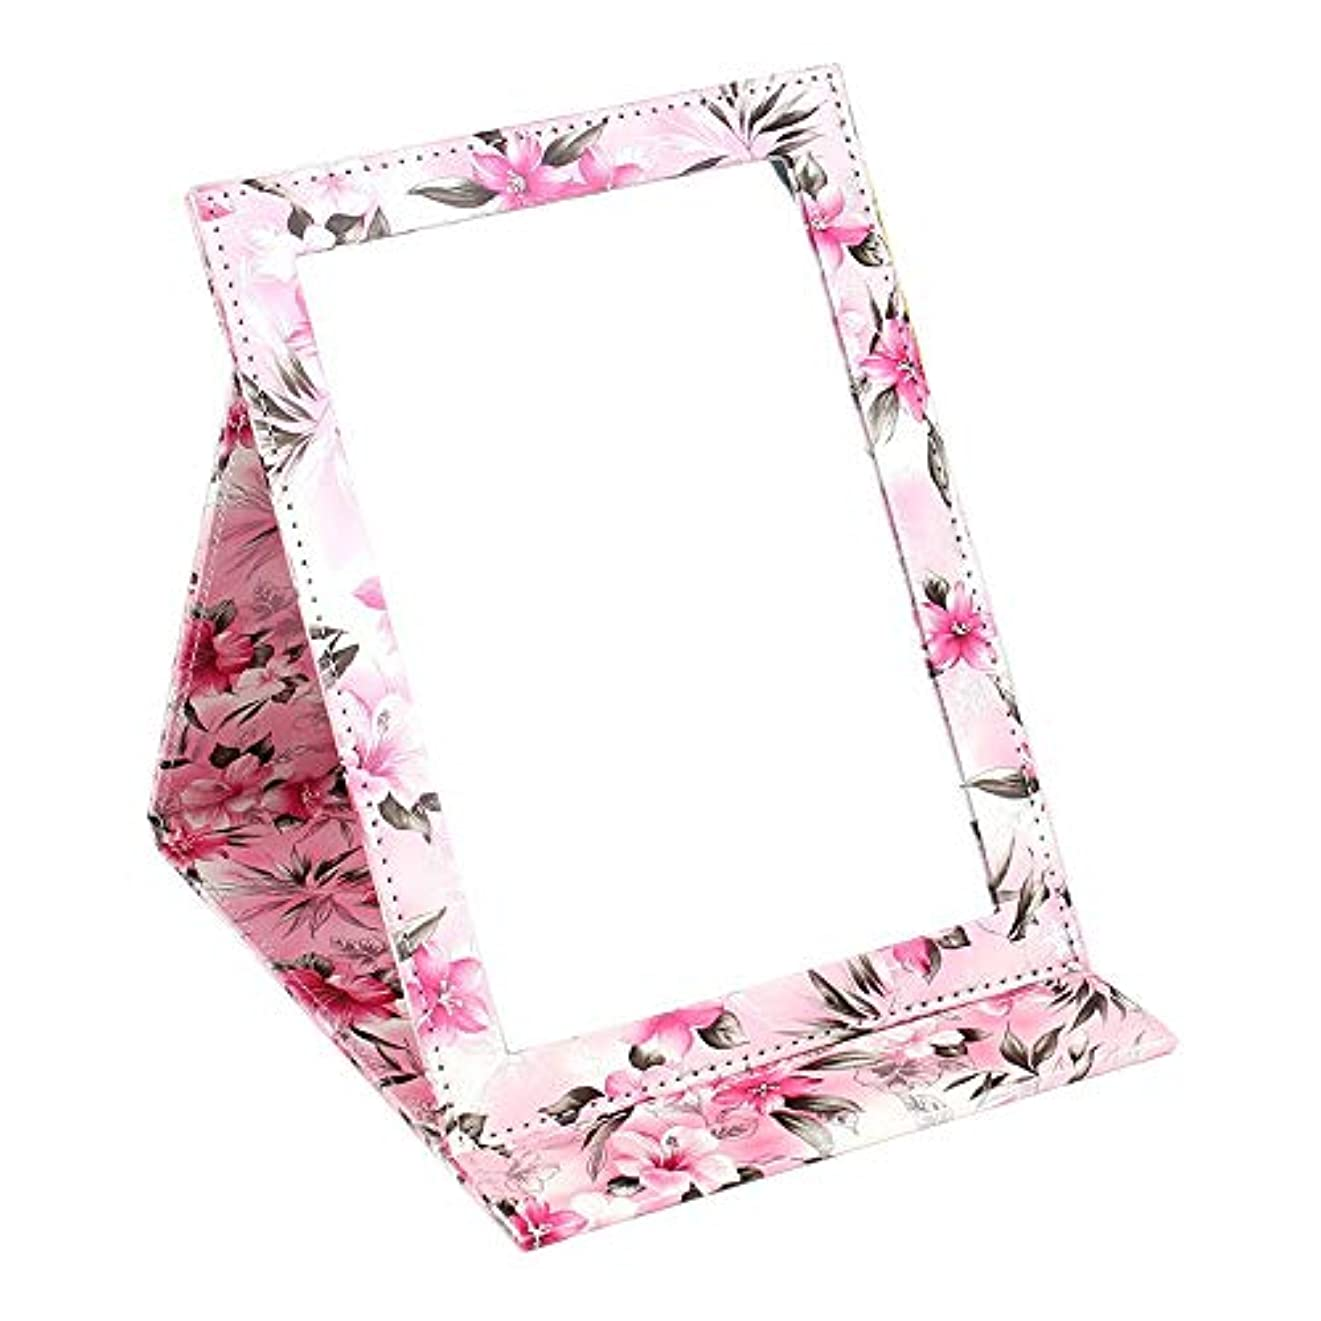 混合均等にリムYummyBuy 化粧ミラー 折りたたみ ミラー 鏡 卓上 化粧 化粧鏡 角度調整自由自在 上質PUレザー使用(クロコダイル?パターン、2サイズ) (大きなサイズ, ハッピーカラー)